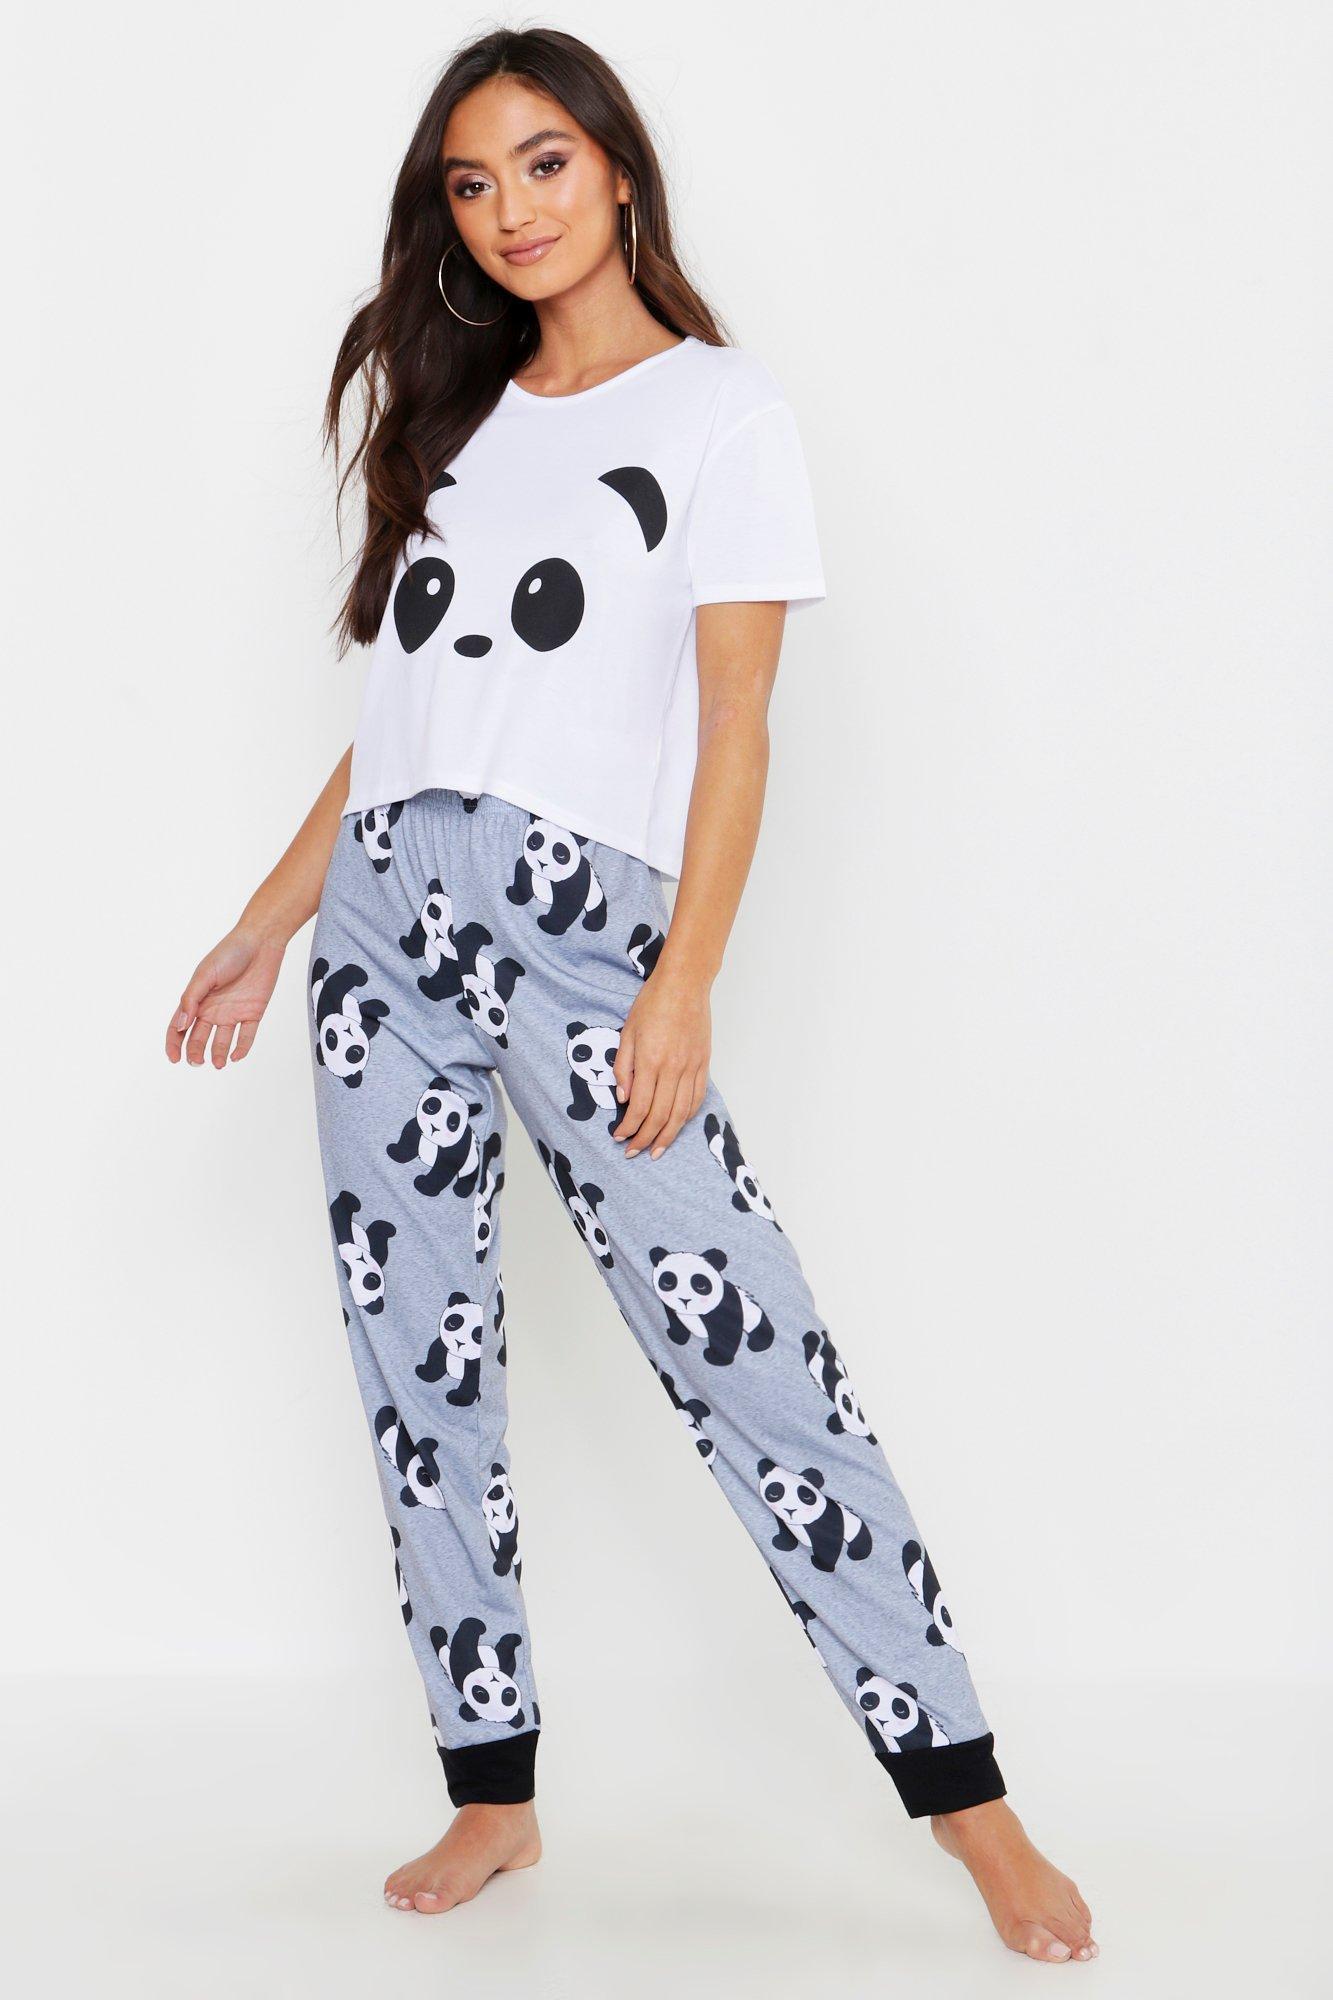 Petite Panda Printed PJ Trouser Set